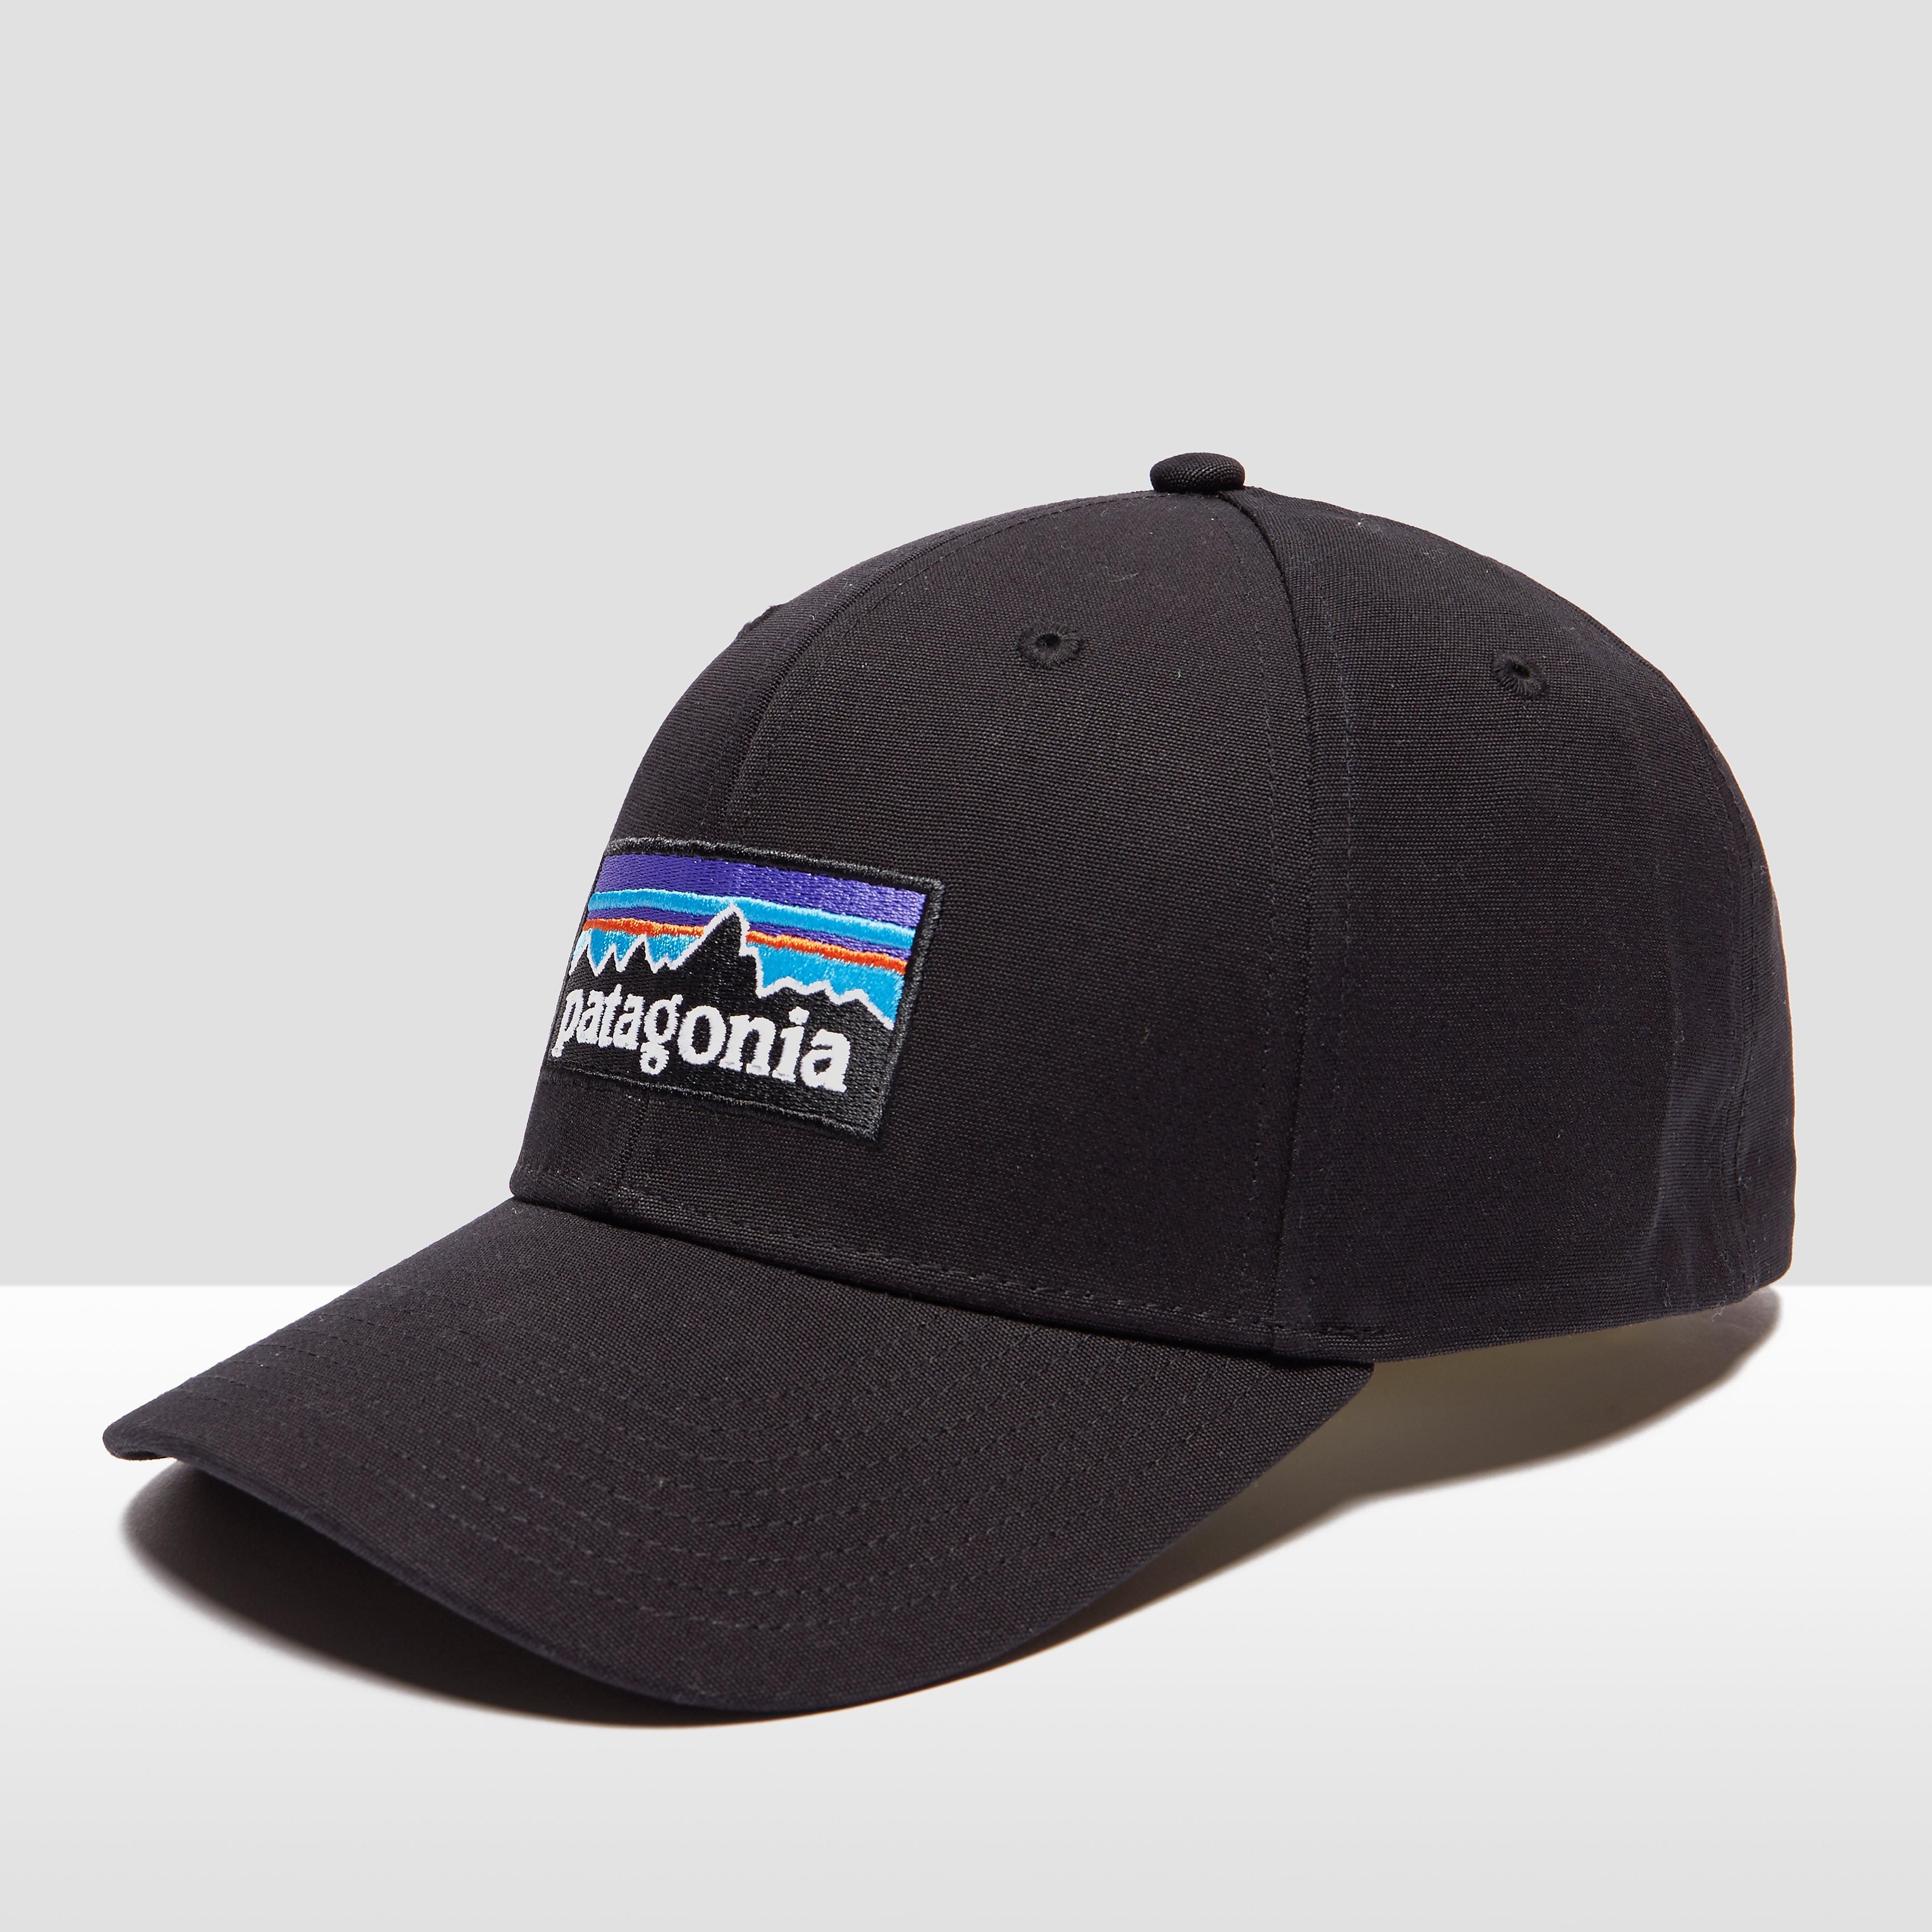 Patagonia Logo Roger That Men's Cap